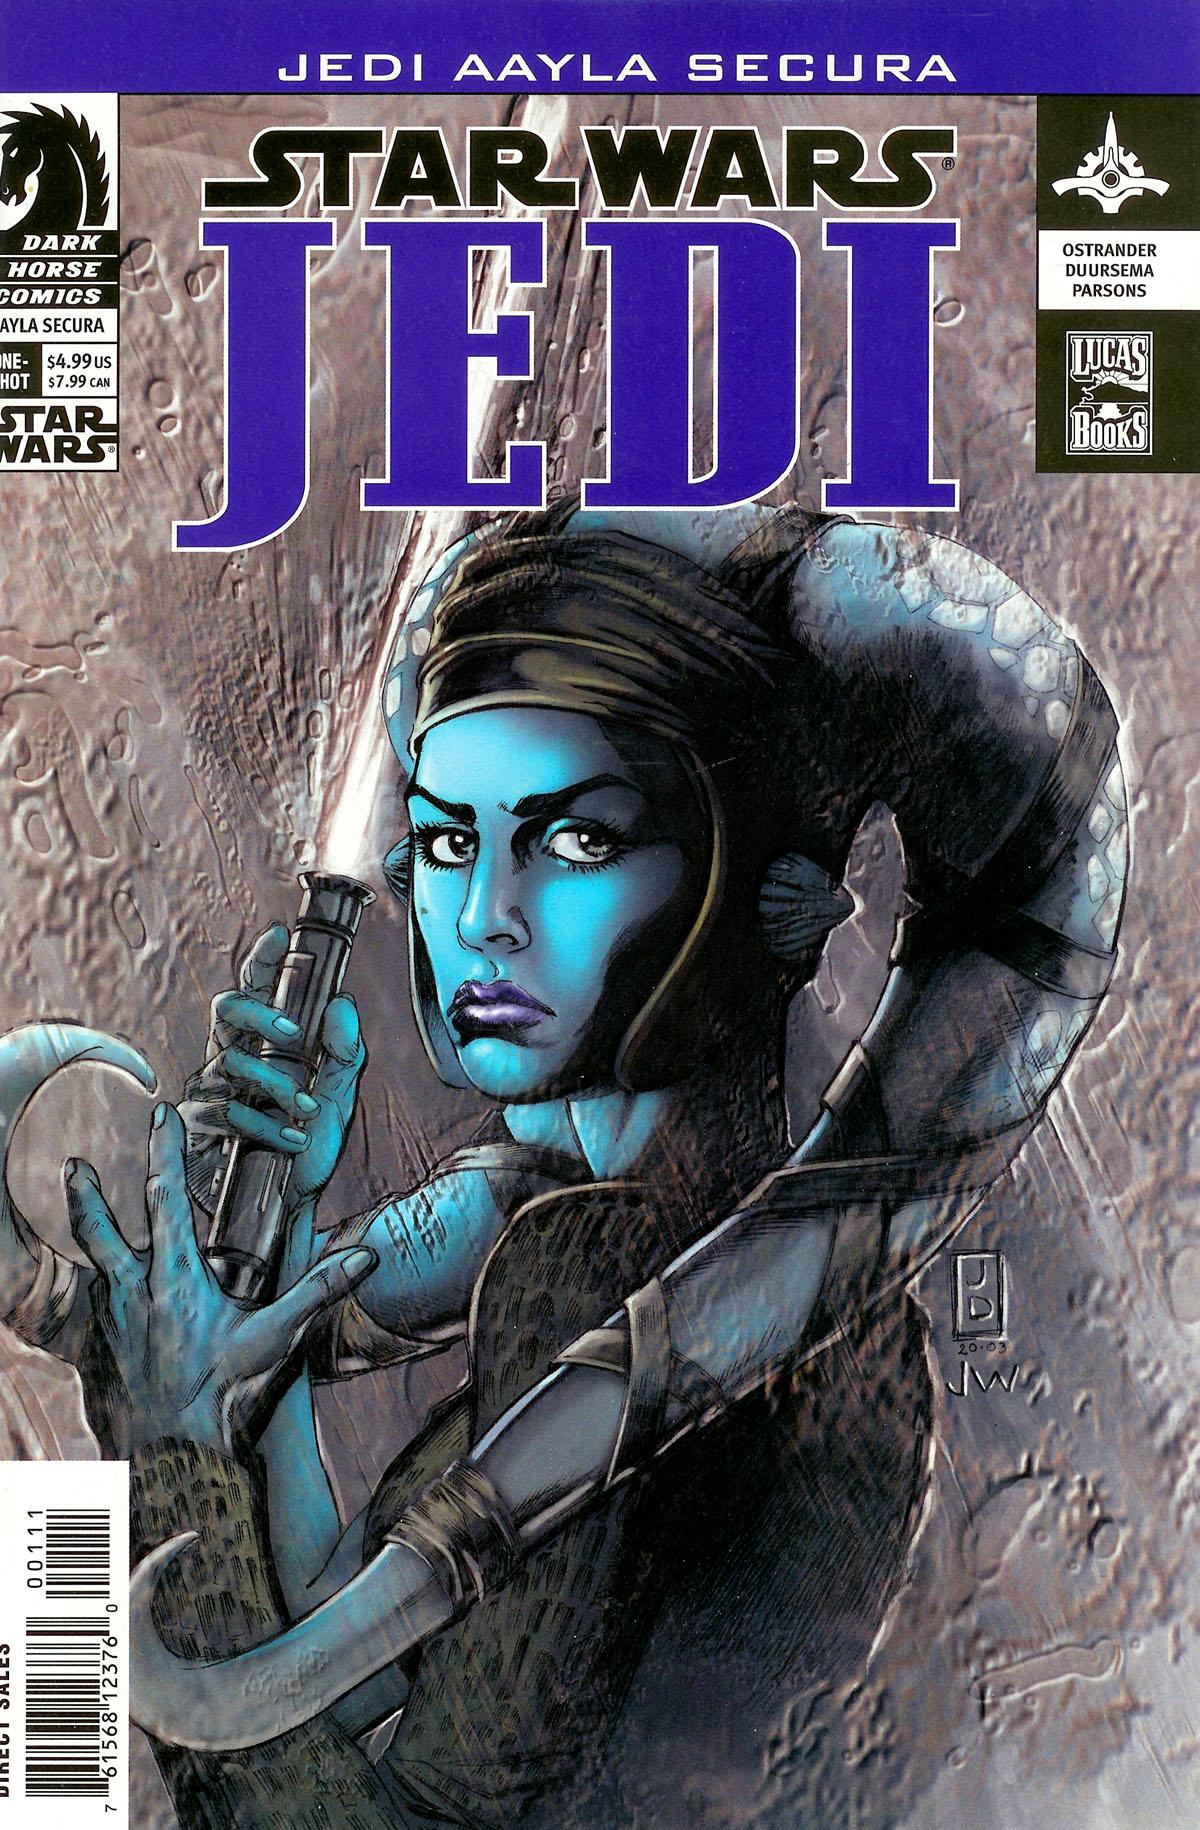 Jedi: Aayla Secura | Wookieepedia | FANDOM powered by Wikia